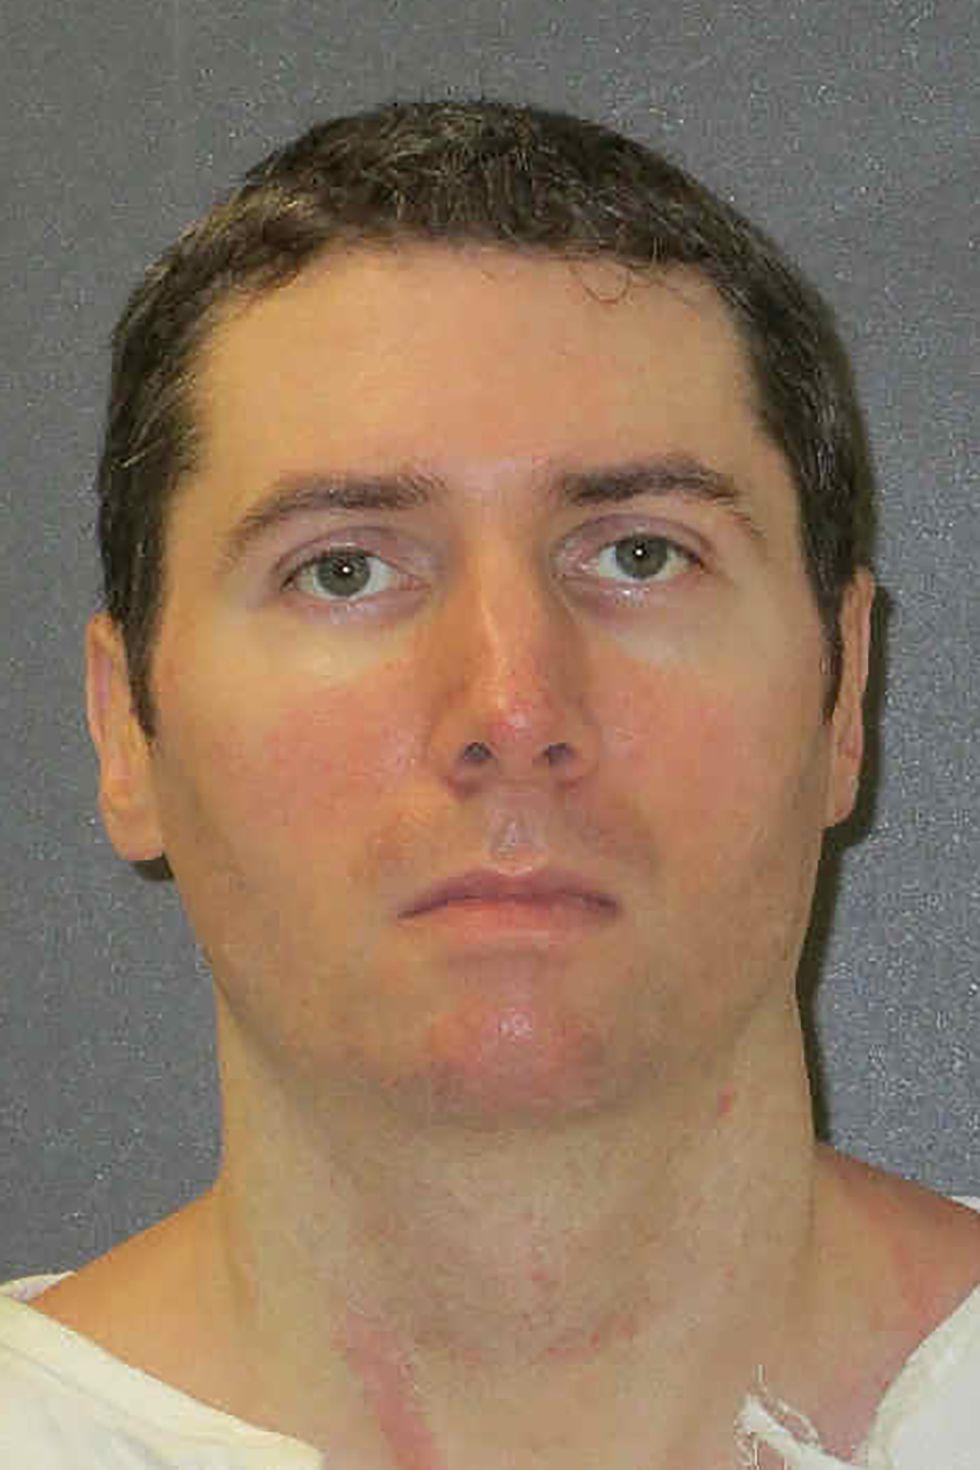 Fotografía difundida por el Departamento de Justicia Criminal de las Texas, sin fecha, de Justen Hall. Este miércoles, Hall se convertirá en el noveno reo ejecutado en ese estado tras ser hallado culpable del asesinato de Melanie Billhartz en el 2002. (AP)